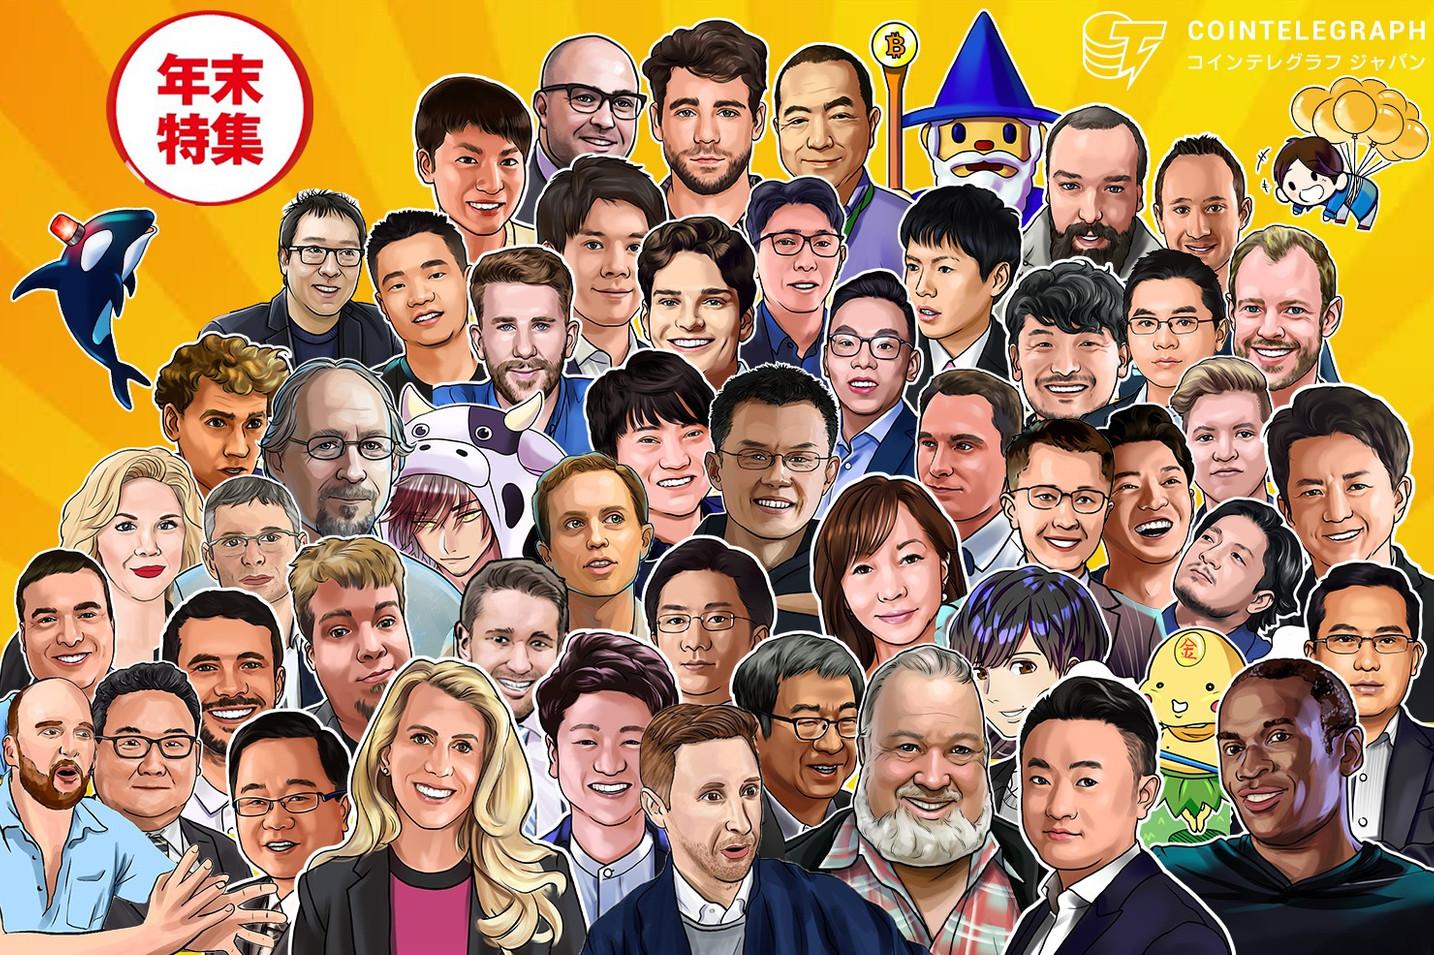 2020年の仮想通貨・ビットコインはどうなる?専門家50人が大予想!業界以外の注目点も語る